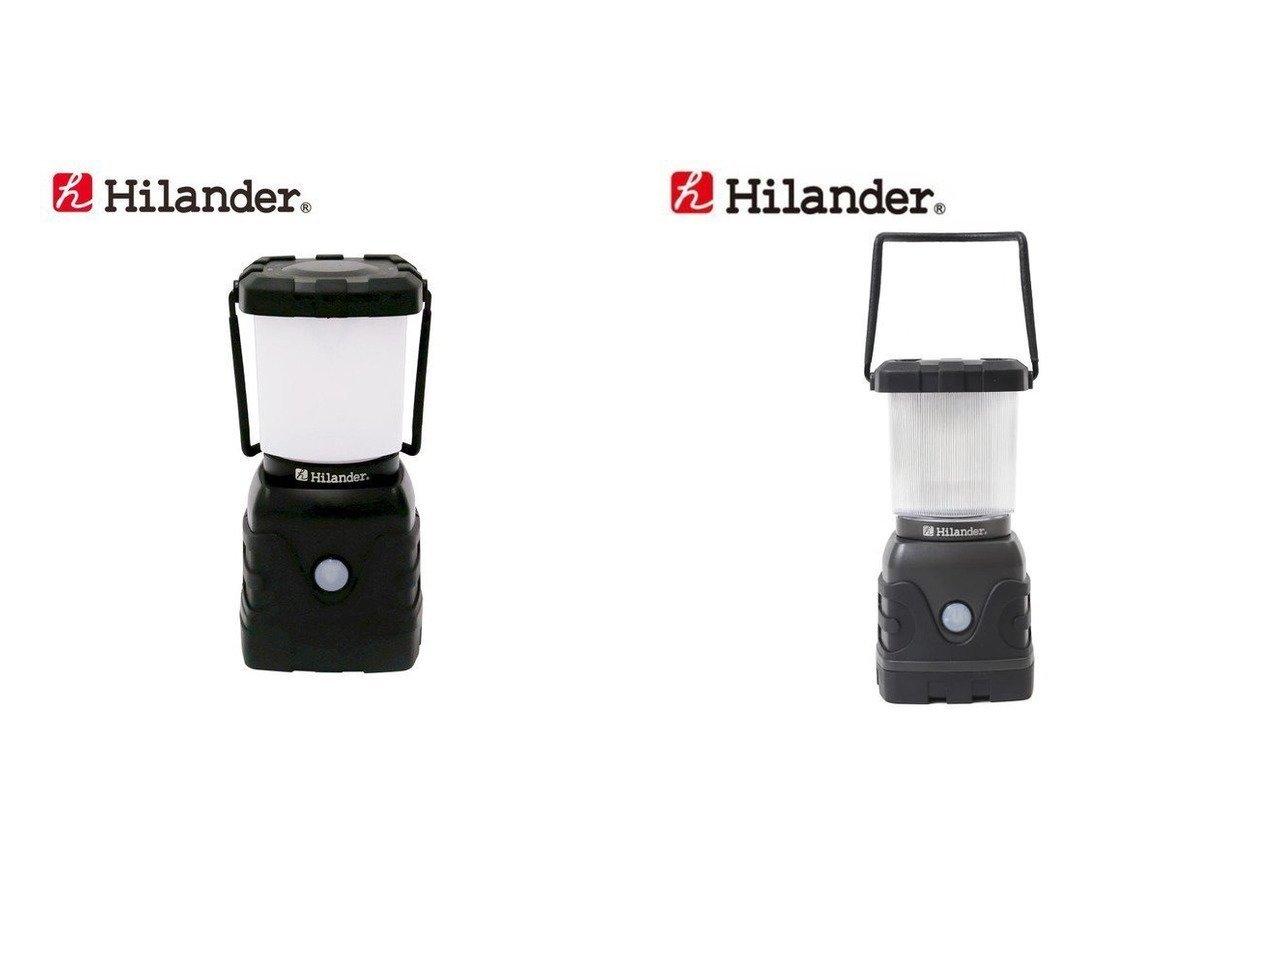 【Hilander/ハイランダー】のLEDランタン(USB充電式) 1000ルーメン&1100ルーメンLEDランタン 単一電池式 【LEDランタン お家時間】おすすめ!人気キャンプ・アウトドア用品の通販 おすすめで人気の流行・トレンド、ファッションの通販商品 インテリア・家具・メンズファッション・キッズファッション・レディースファッション・服の通販 founy(ファニー) https://founy.com/ アウトドア コンパクト 日本製 Made in Japan ホーム・キャンプ・アウトドア Home,Garden,Outdoor,Camping Gear キャンプ用品・アウトドア  Camping Gear & Outdoor Supplies ランタン ライト Lantern, Light ホーム・キャンプ・アウトドア Home,Garden,Outdoor,Camping Gear キャンプ用品・アウトドア  Camping Gear & Outdoor Supplies バッテリー 充電ケーブル Battery, Charging |ID:crp329100000053688